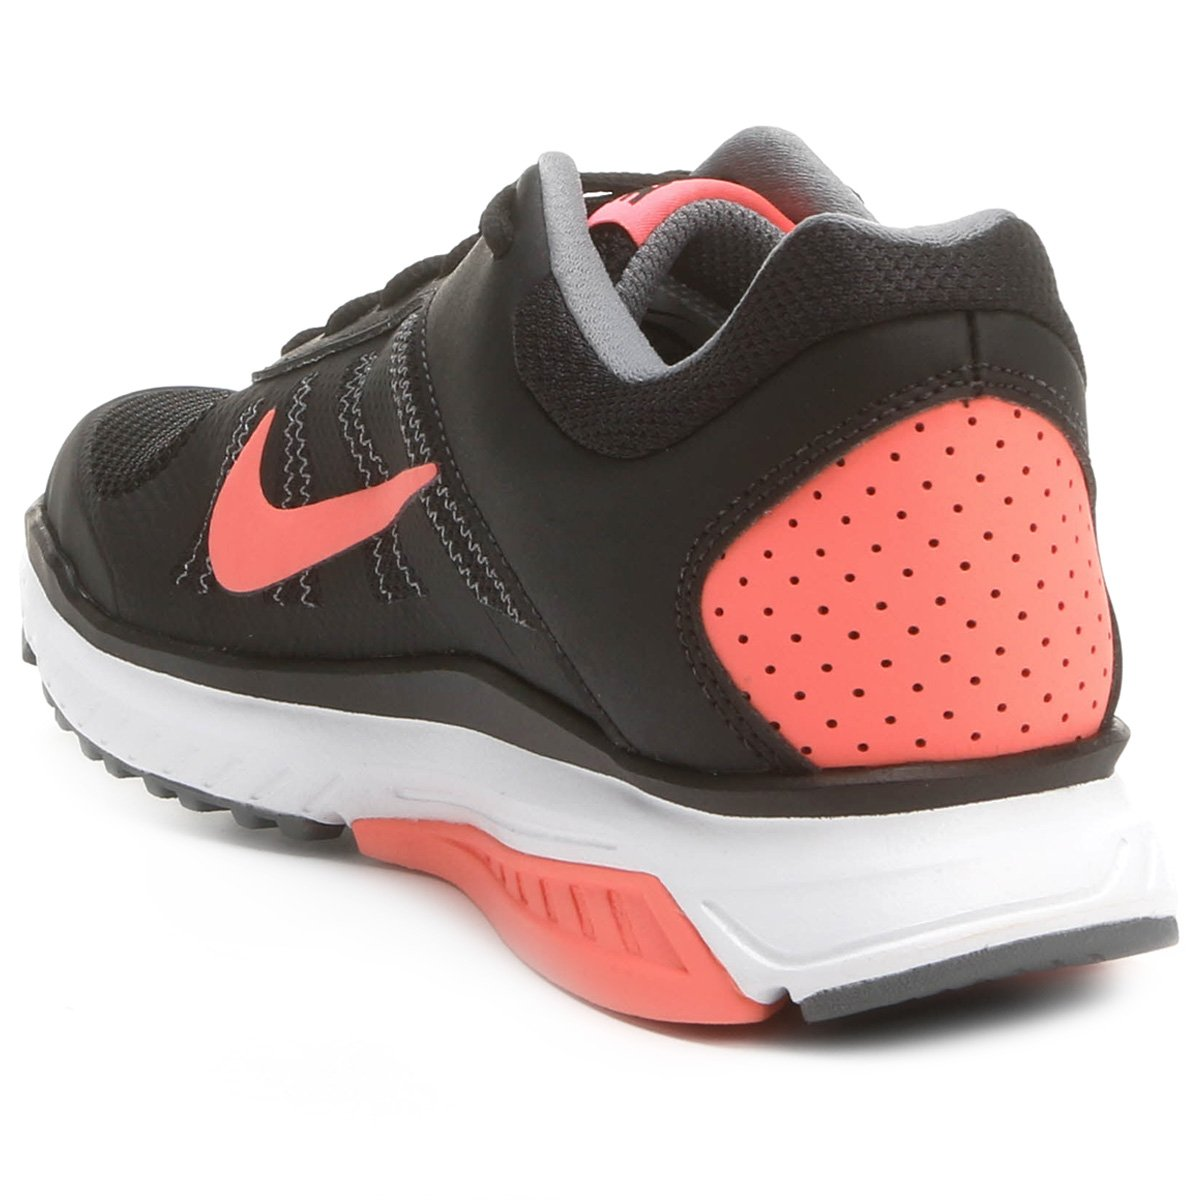 b75433a943 Tênis Nike Dart 12 MSL Feminino - Preto e Salmão - Compre Agora ...